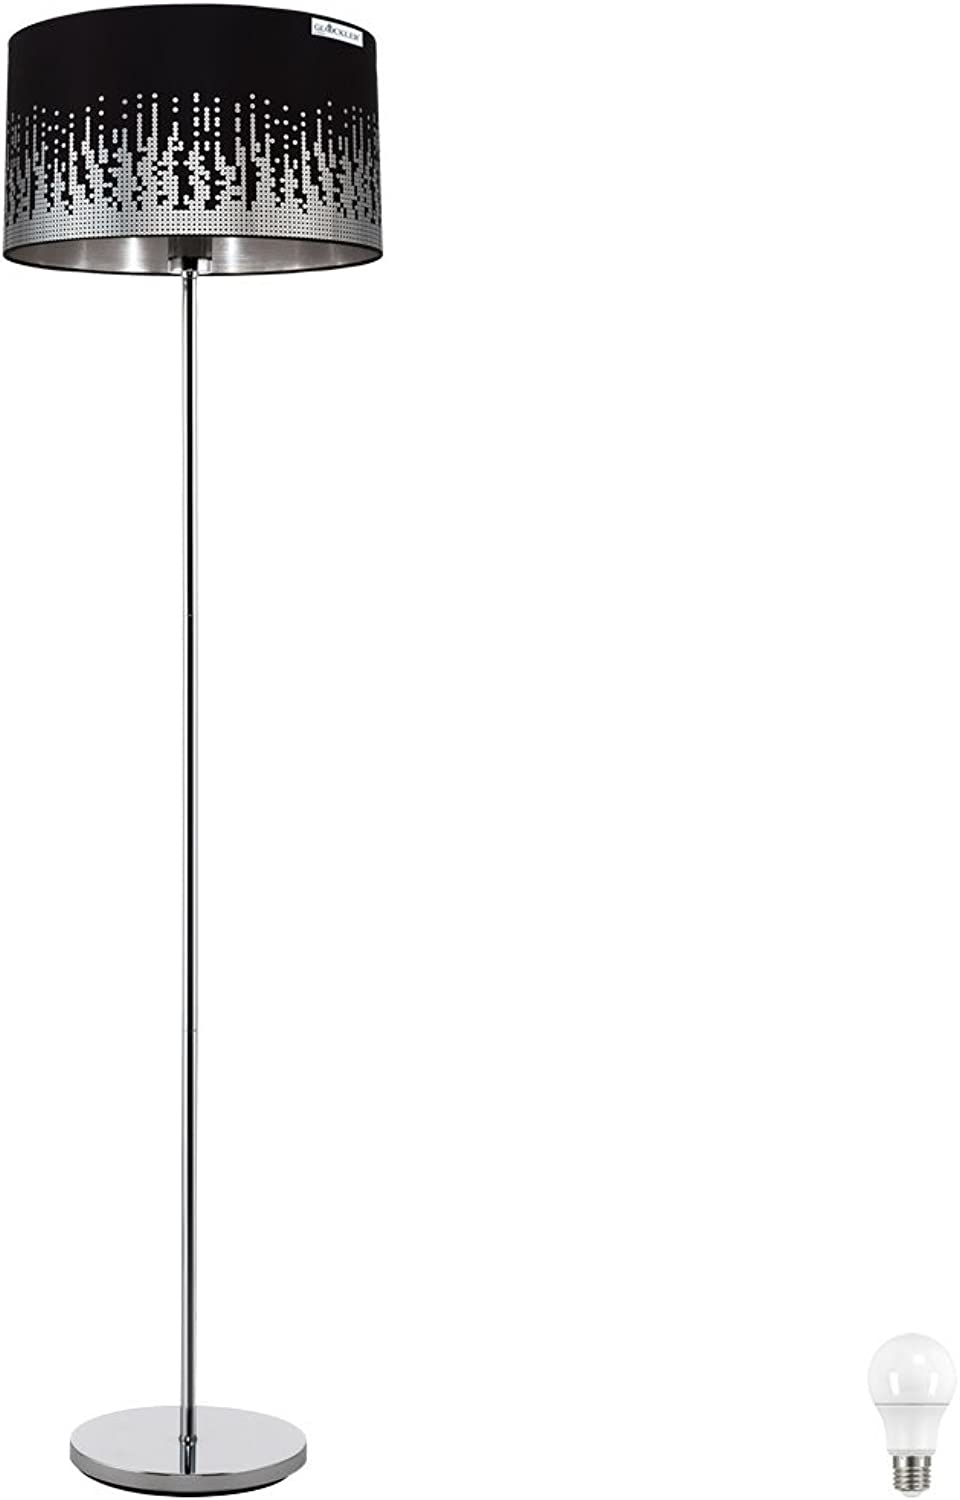 Steh Lampe Flur Strahler Fuschalter Textil Steh Leuchte Pailetten im Set inklusive LED Leuchtmittel